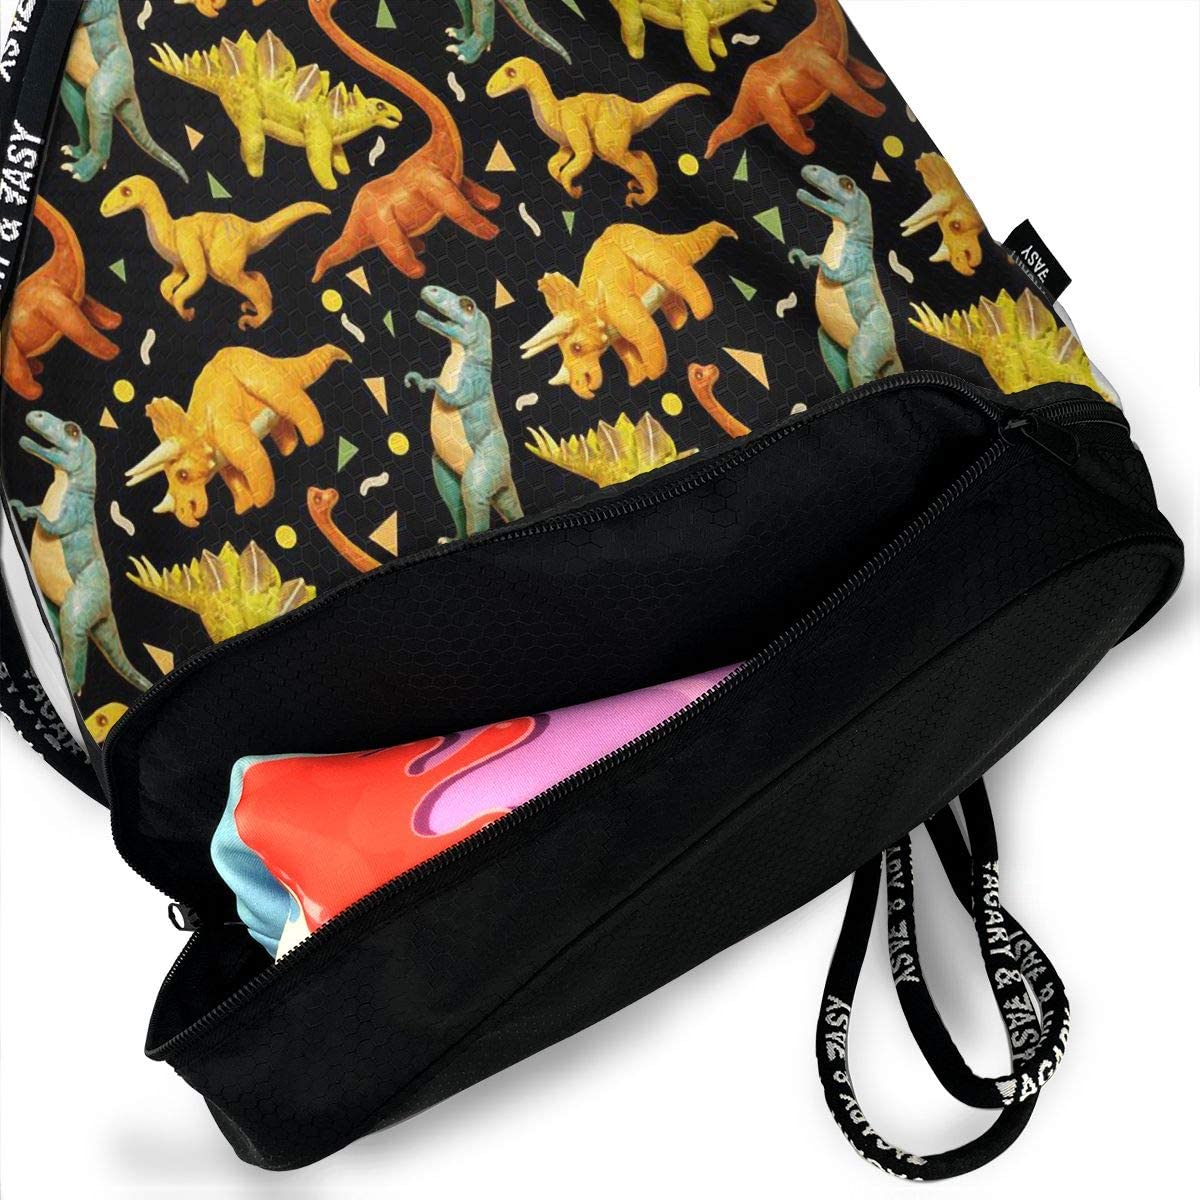 HUOPR5Q Dinosaur Models Drawstring Backpack Sport Gym Sack Shoulder Bulk Bag Dance Bag for School Travel